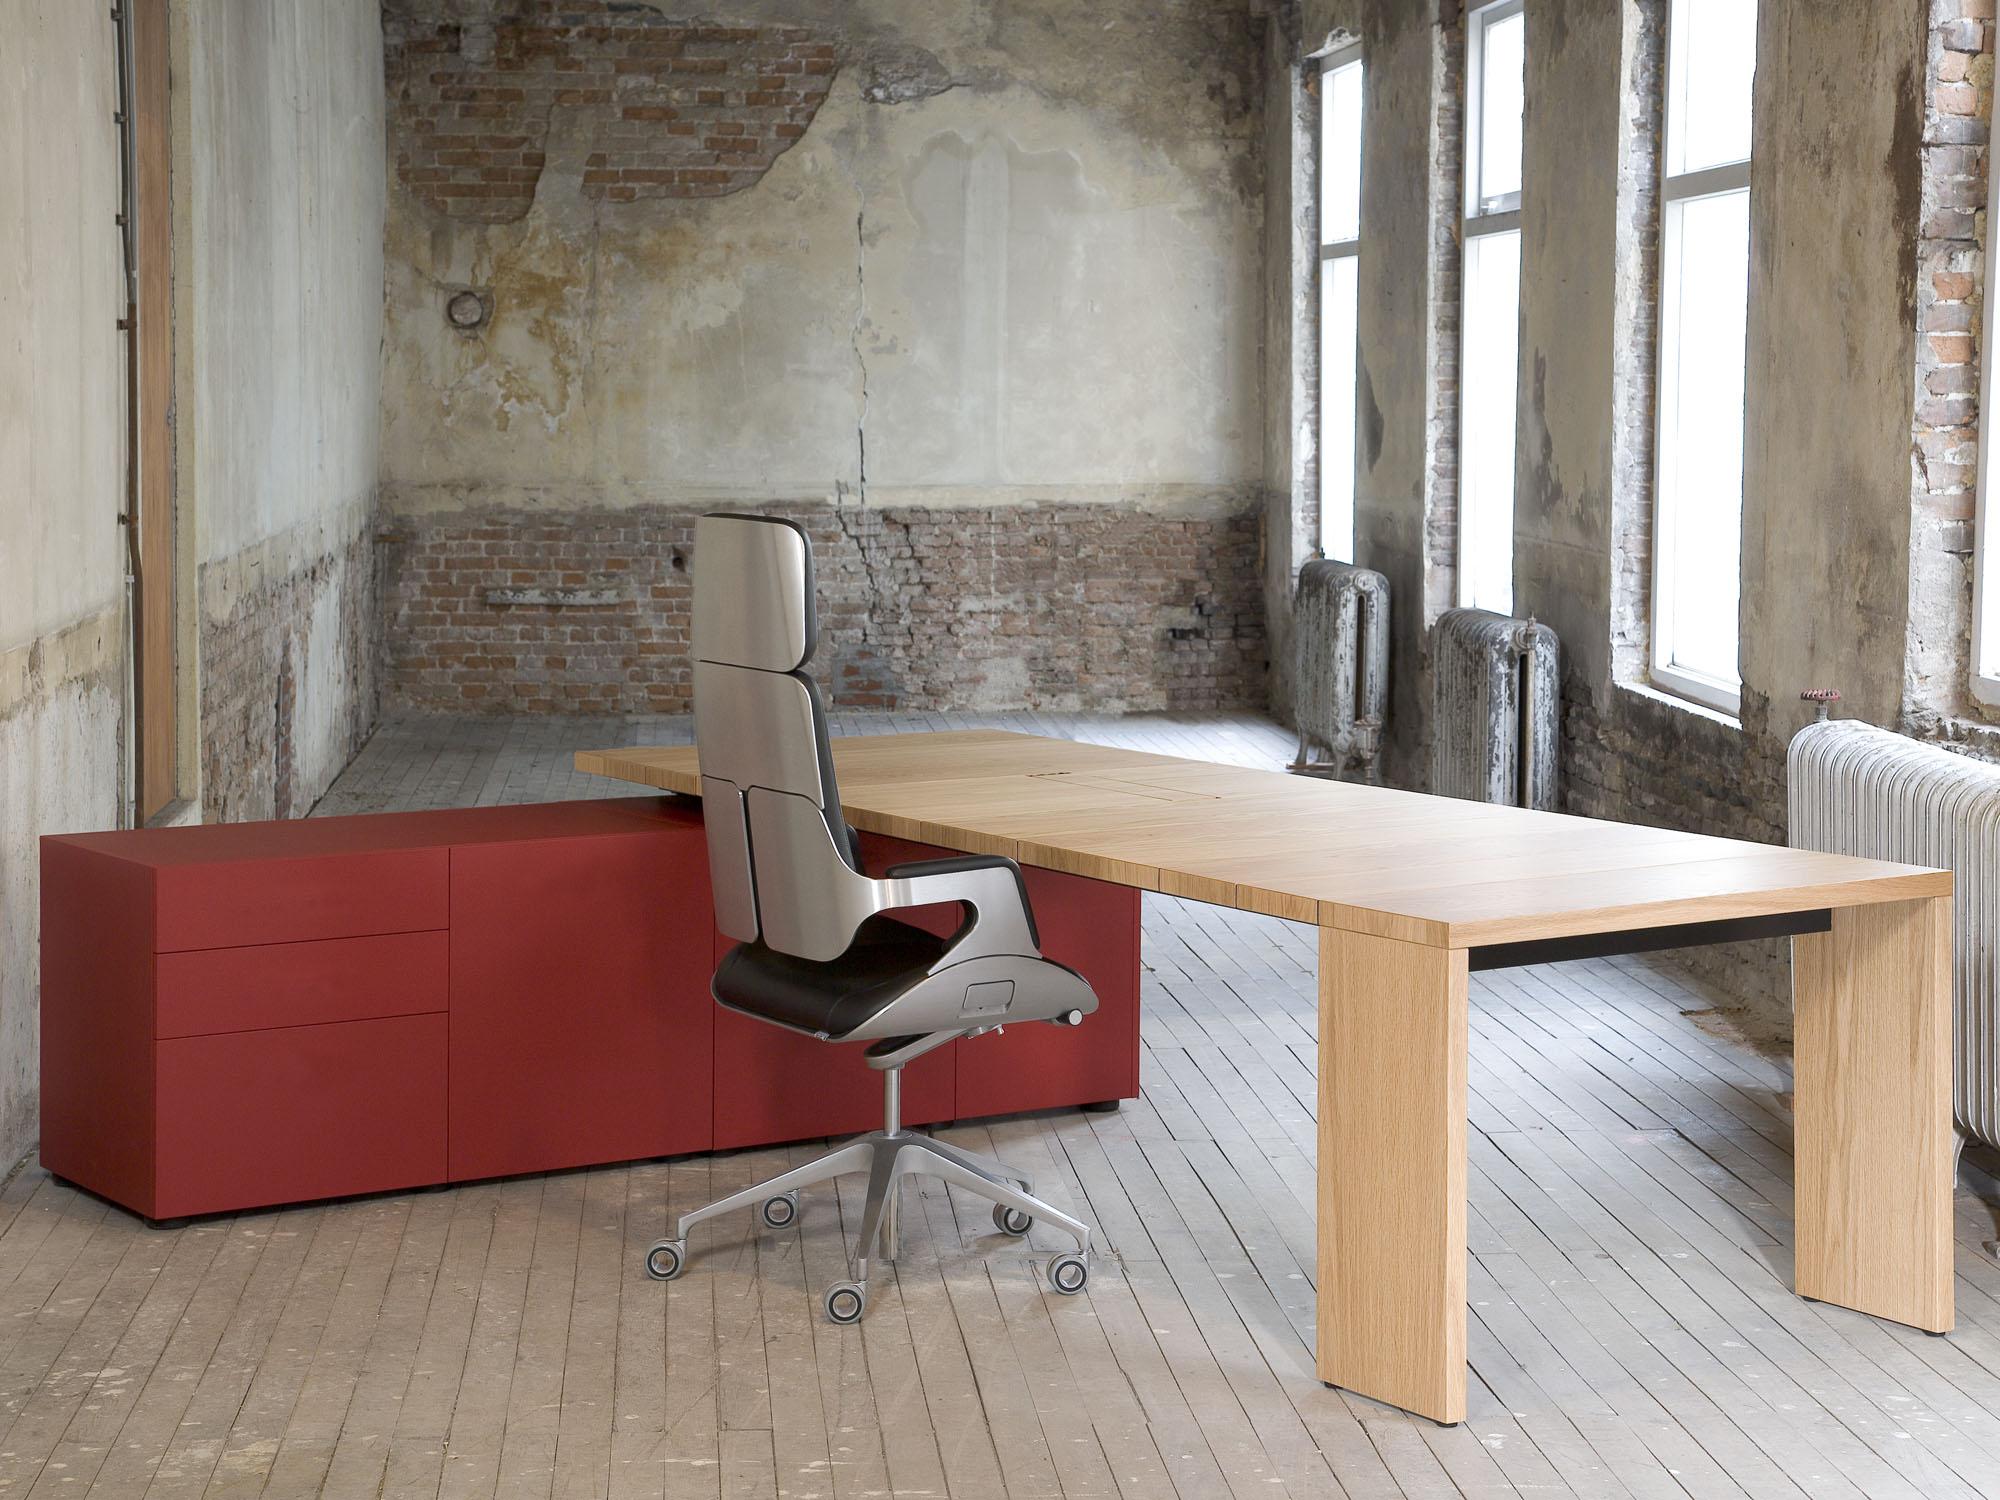 Castelijn directiemeubelen - bureau - bureaustoel Heering Office Den Haag 2